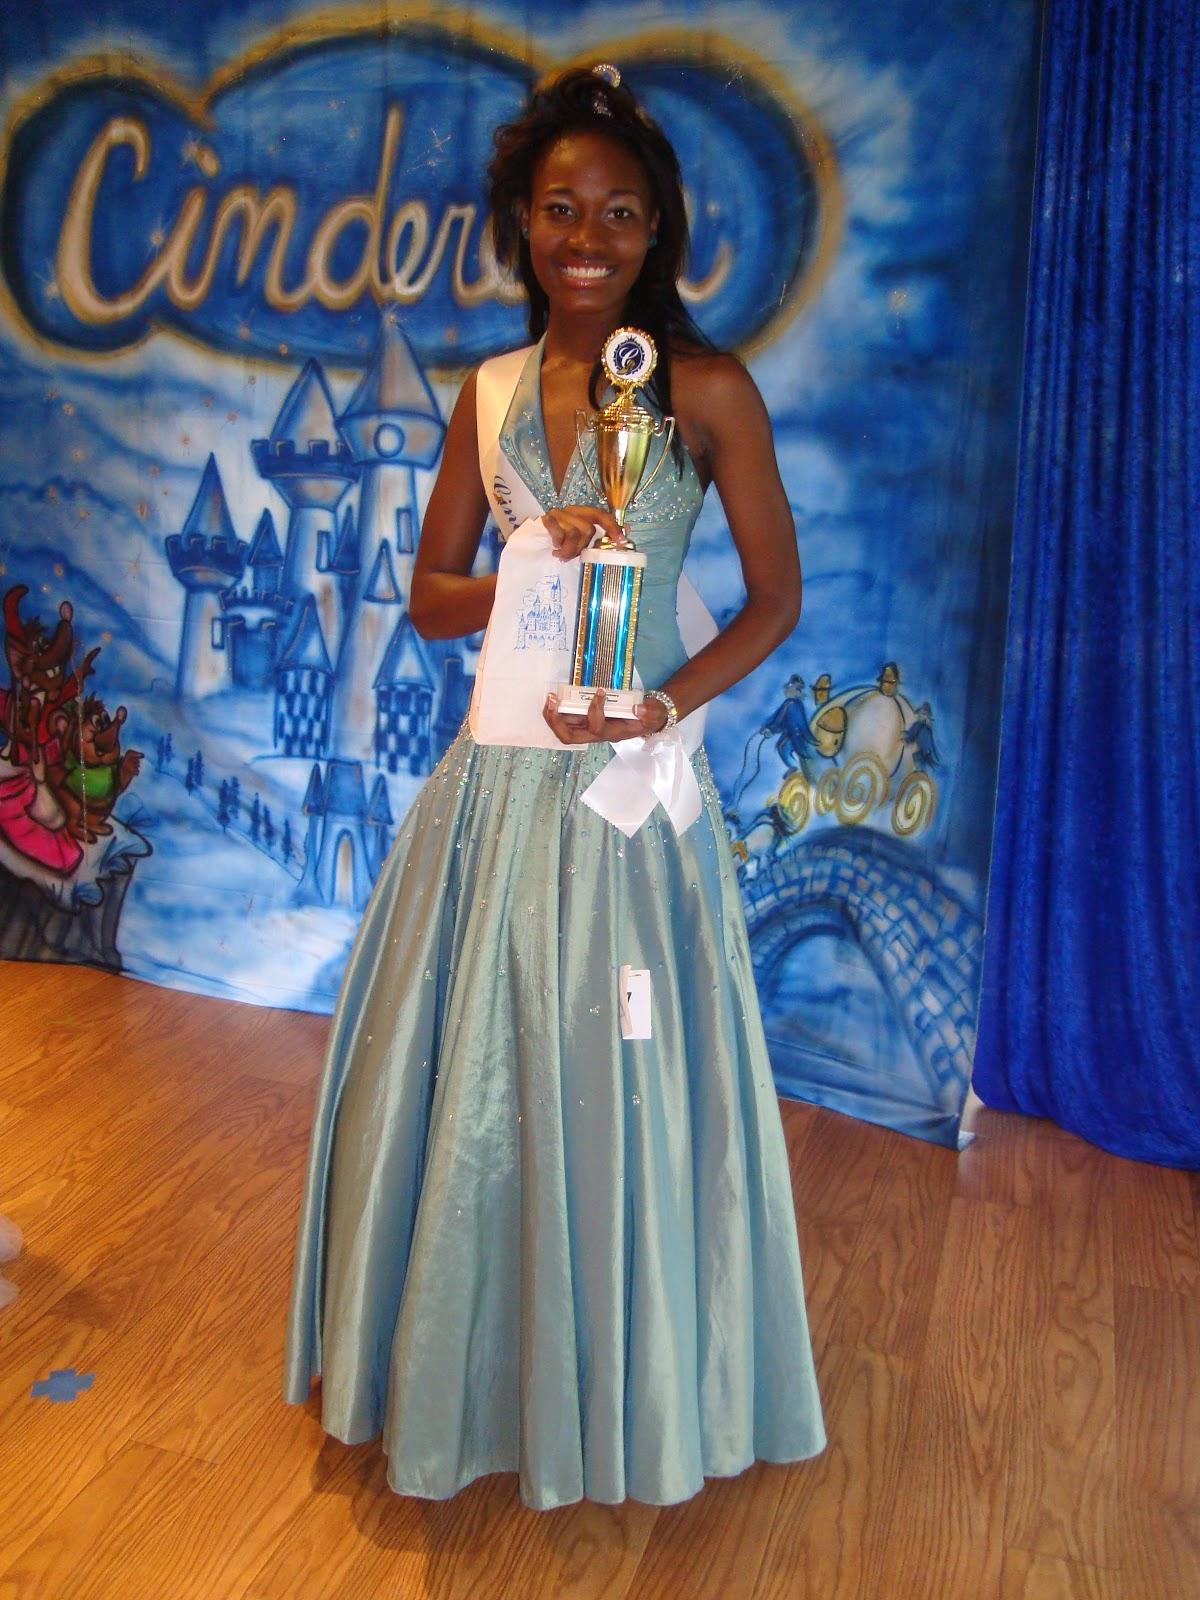 The 2012 Texas Cinderella